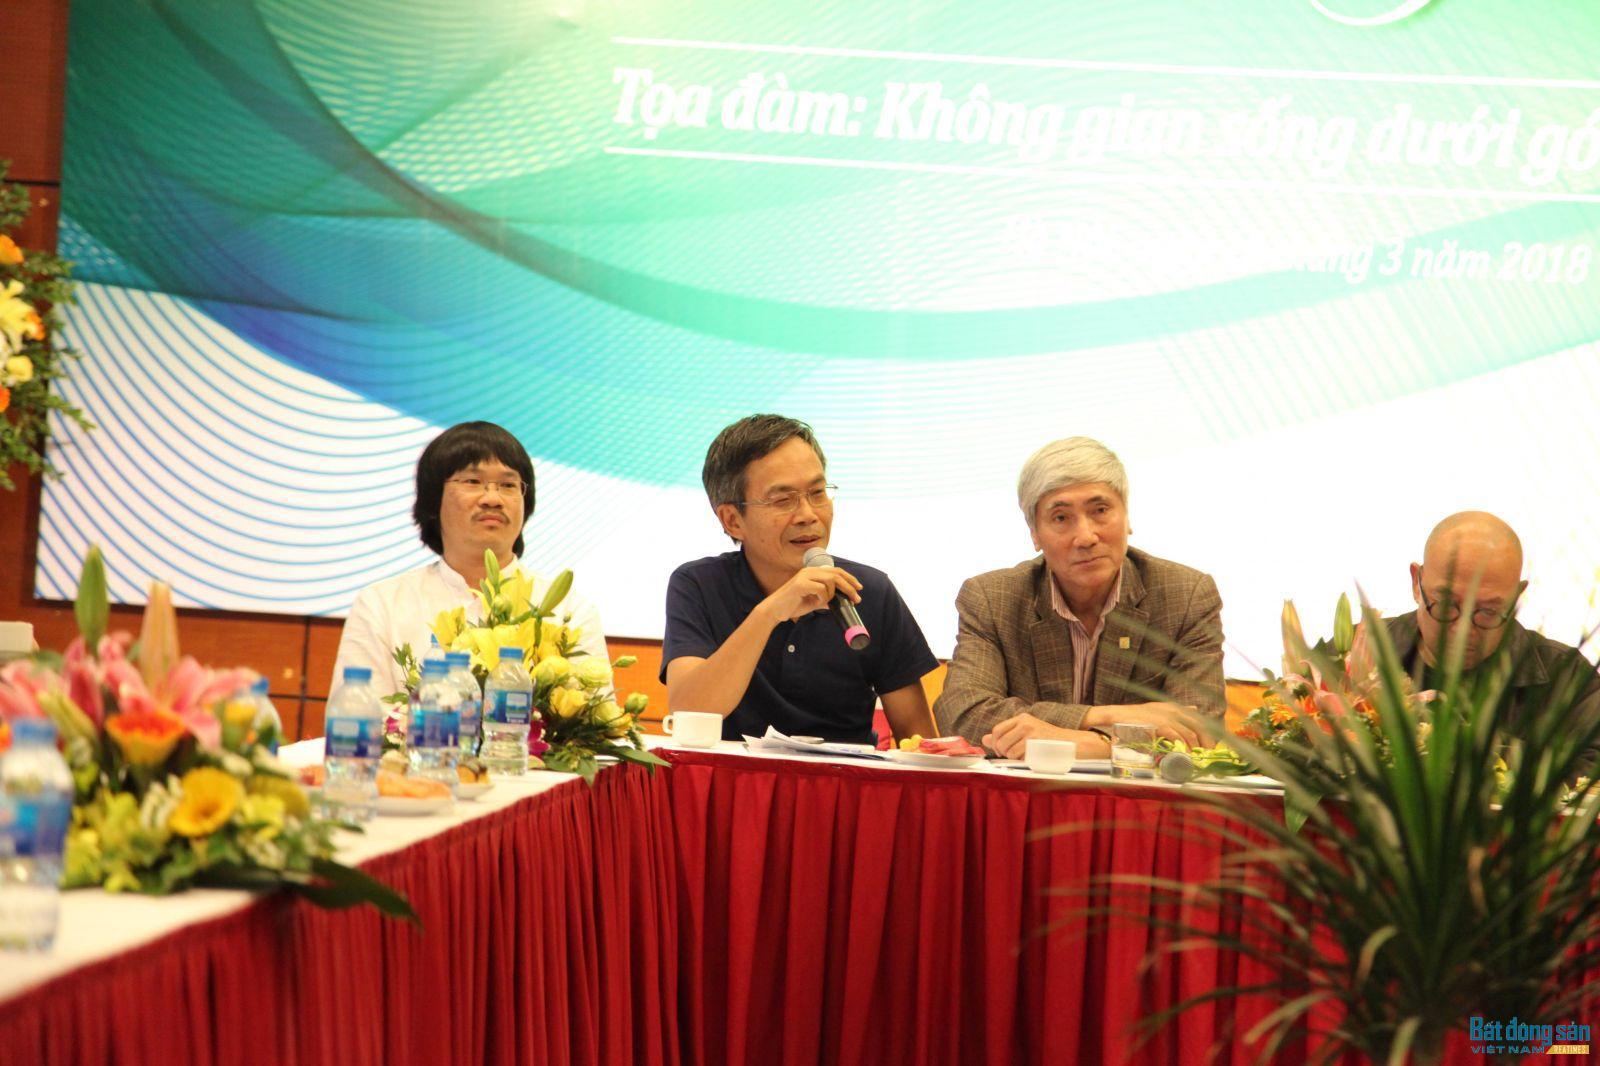 Nhà báo Trần Đăng Tuấn chia sẻ tại Tọa đàm Không gian sống từ góc nhìn văn hóa.